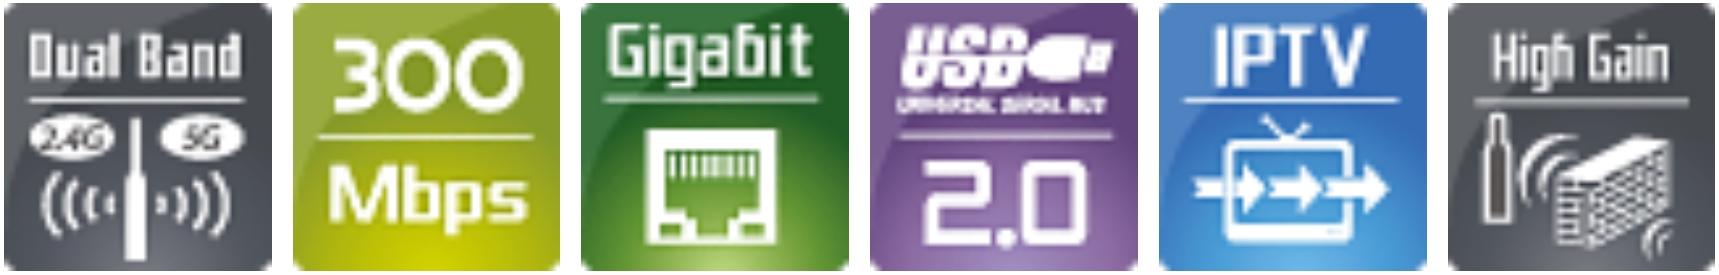 WDRT-731U_features